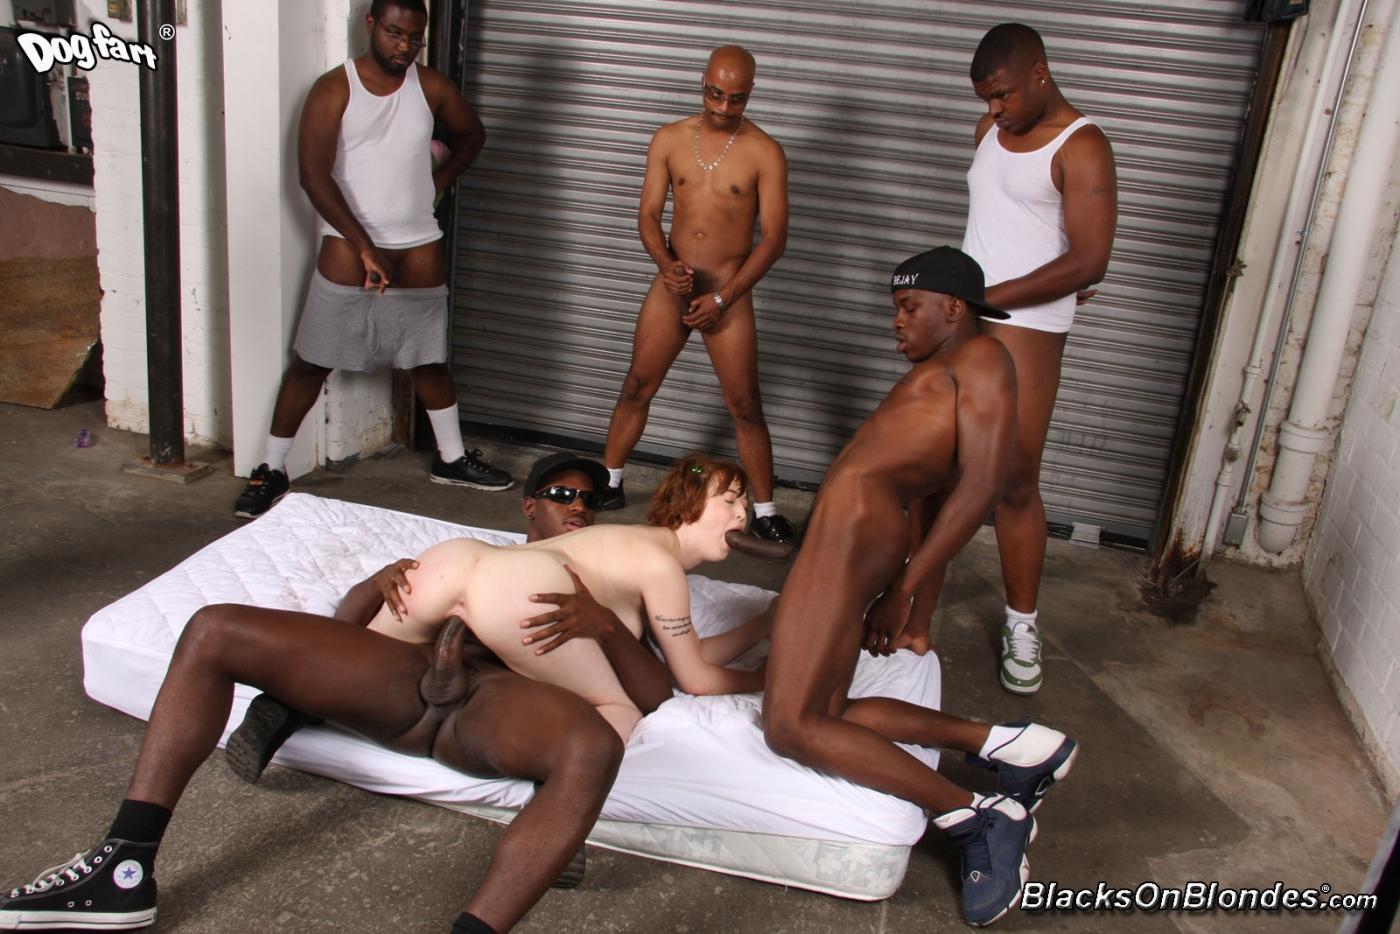 Пять черных юнцов с могучими фаллосами трахают рыжеволосую Julie Ellis и кончают на нее